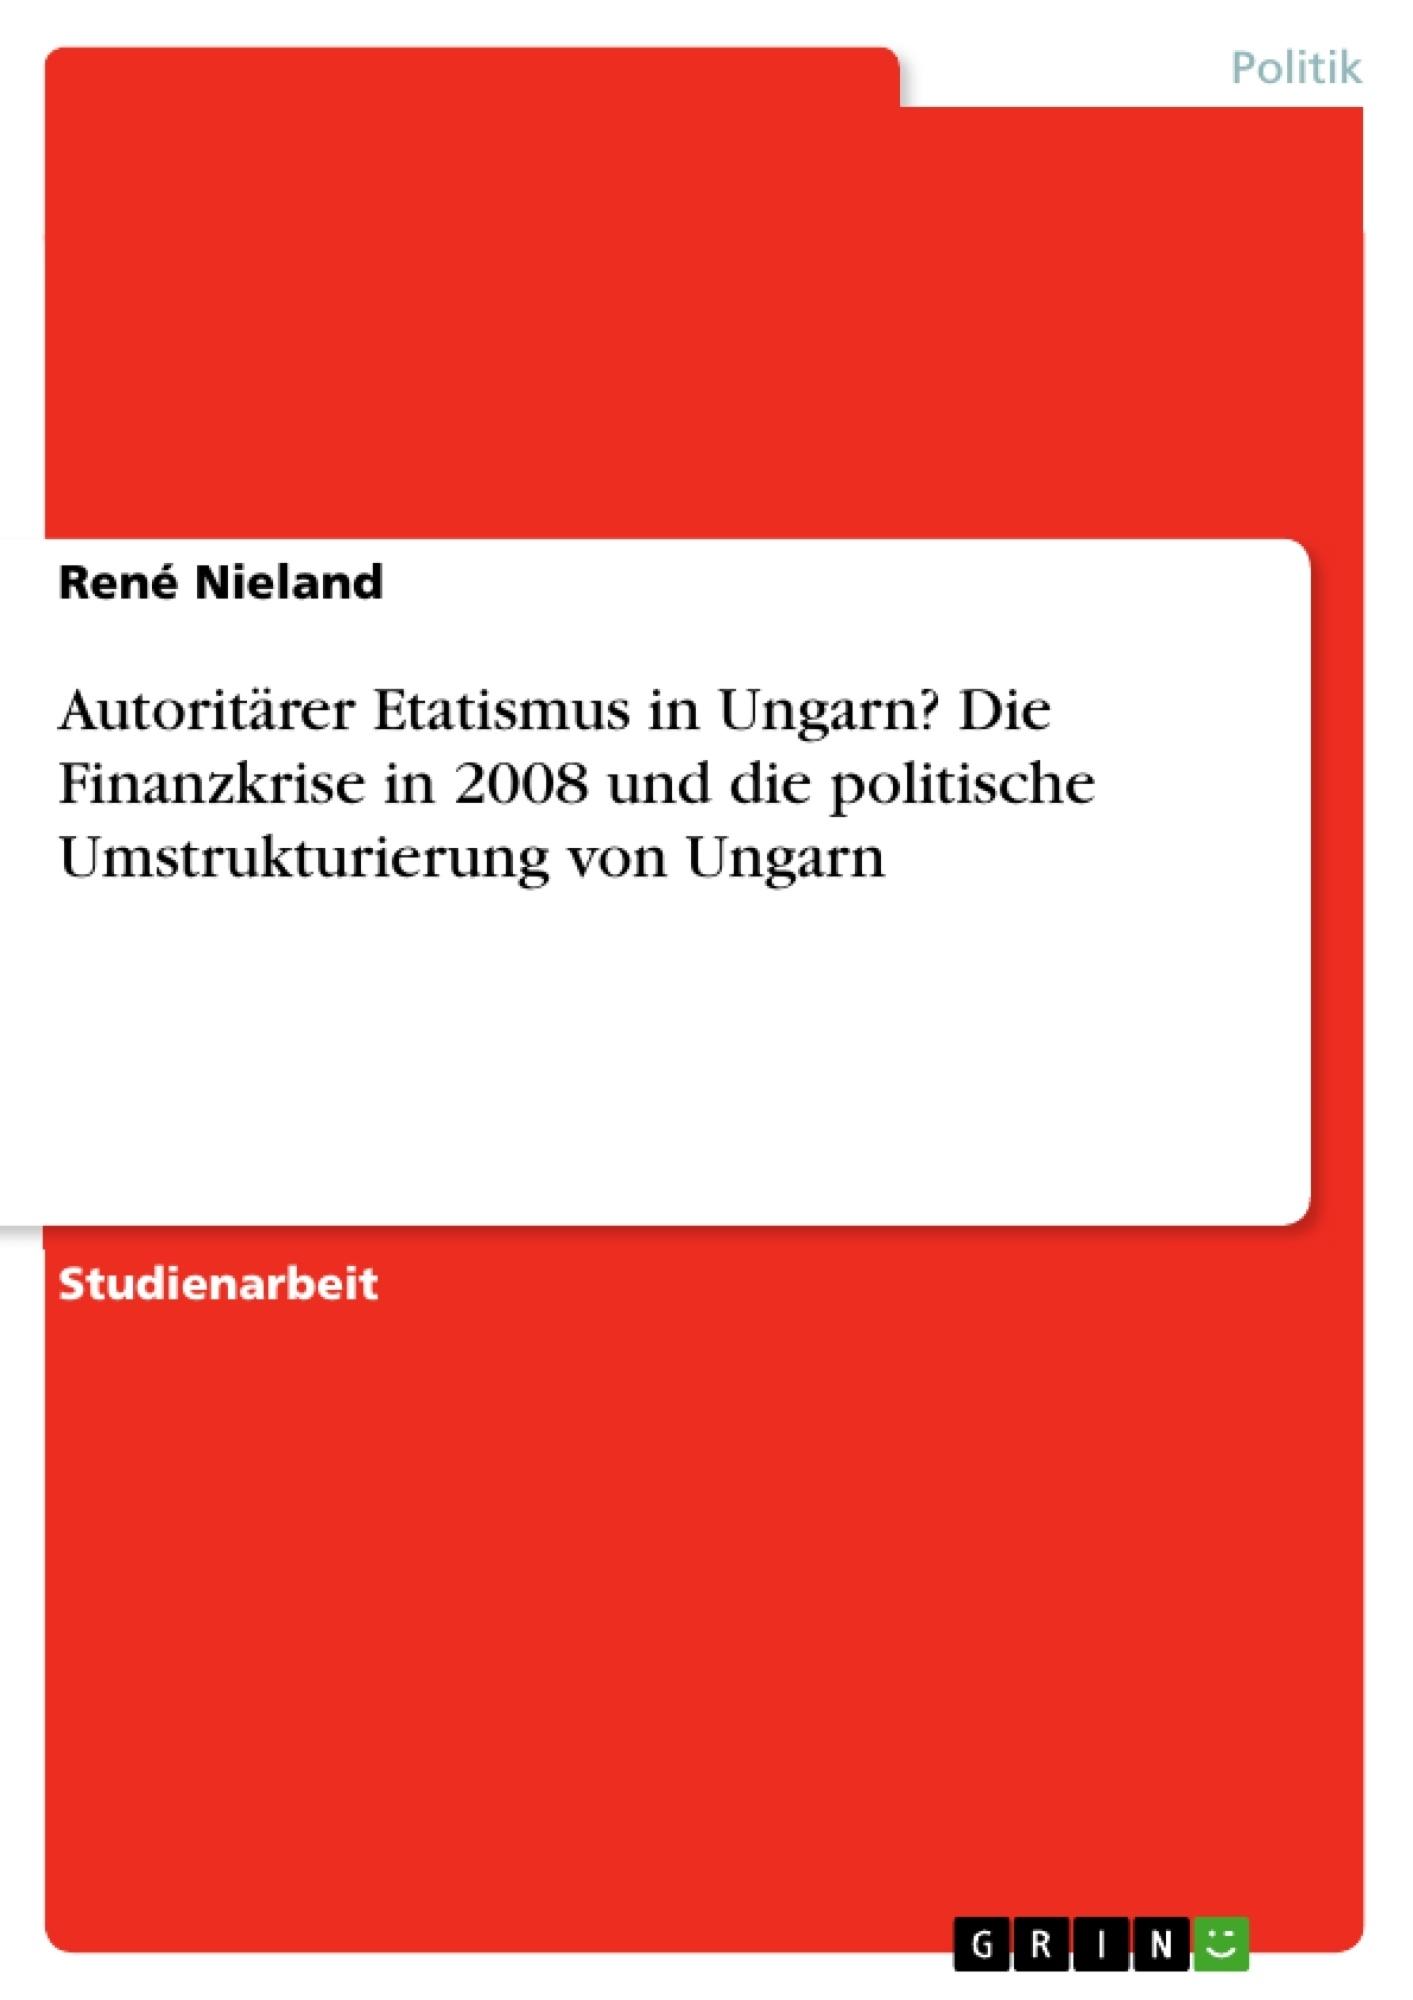 Titel: Autoritärer Etatismus in Ungarn? Die Finanzkrise in 2008 und die politische Umstrukturierung von Ungarn